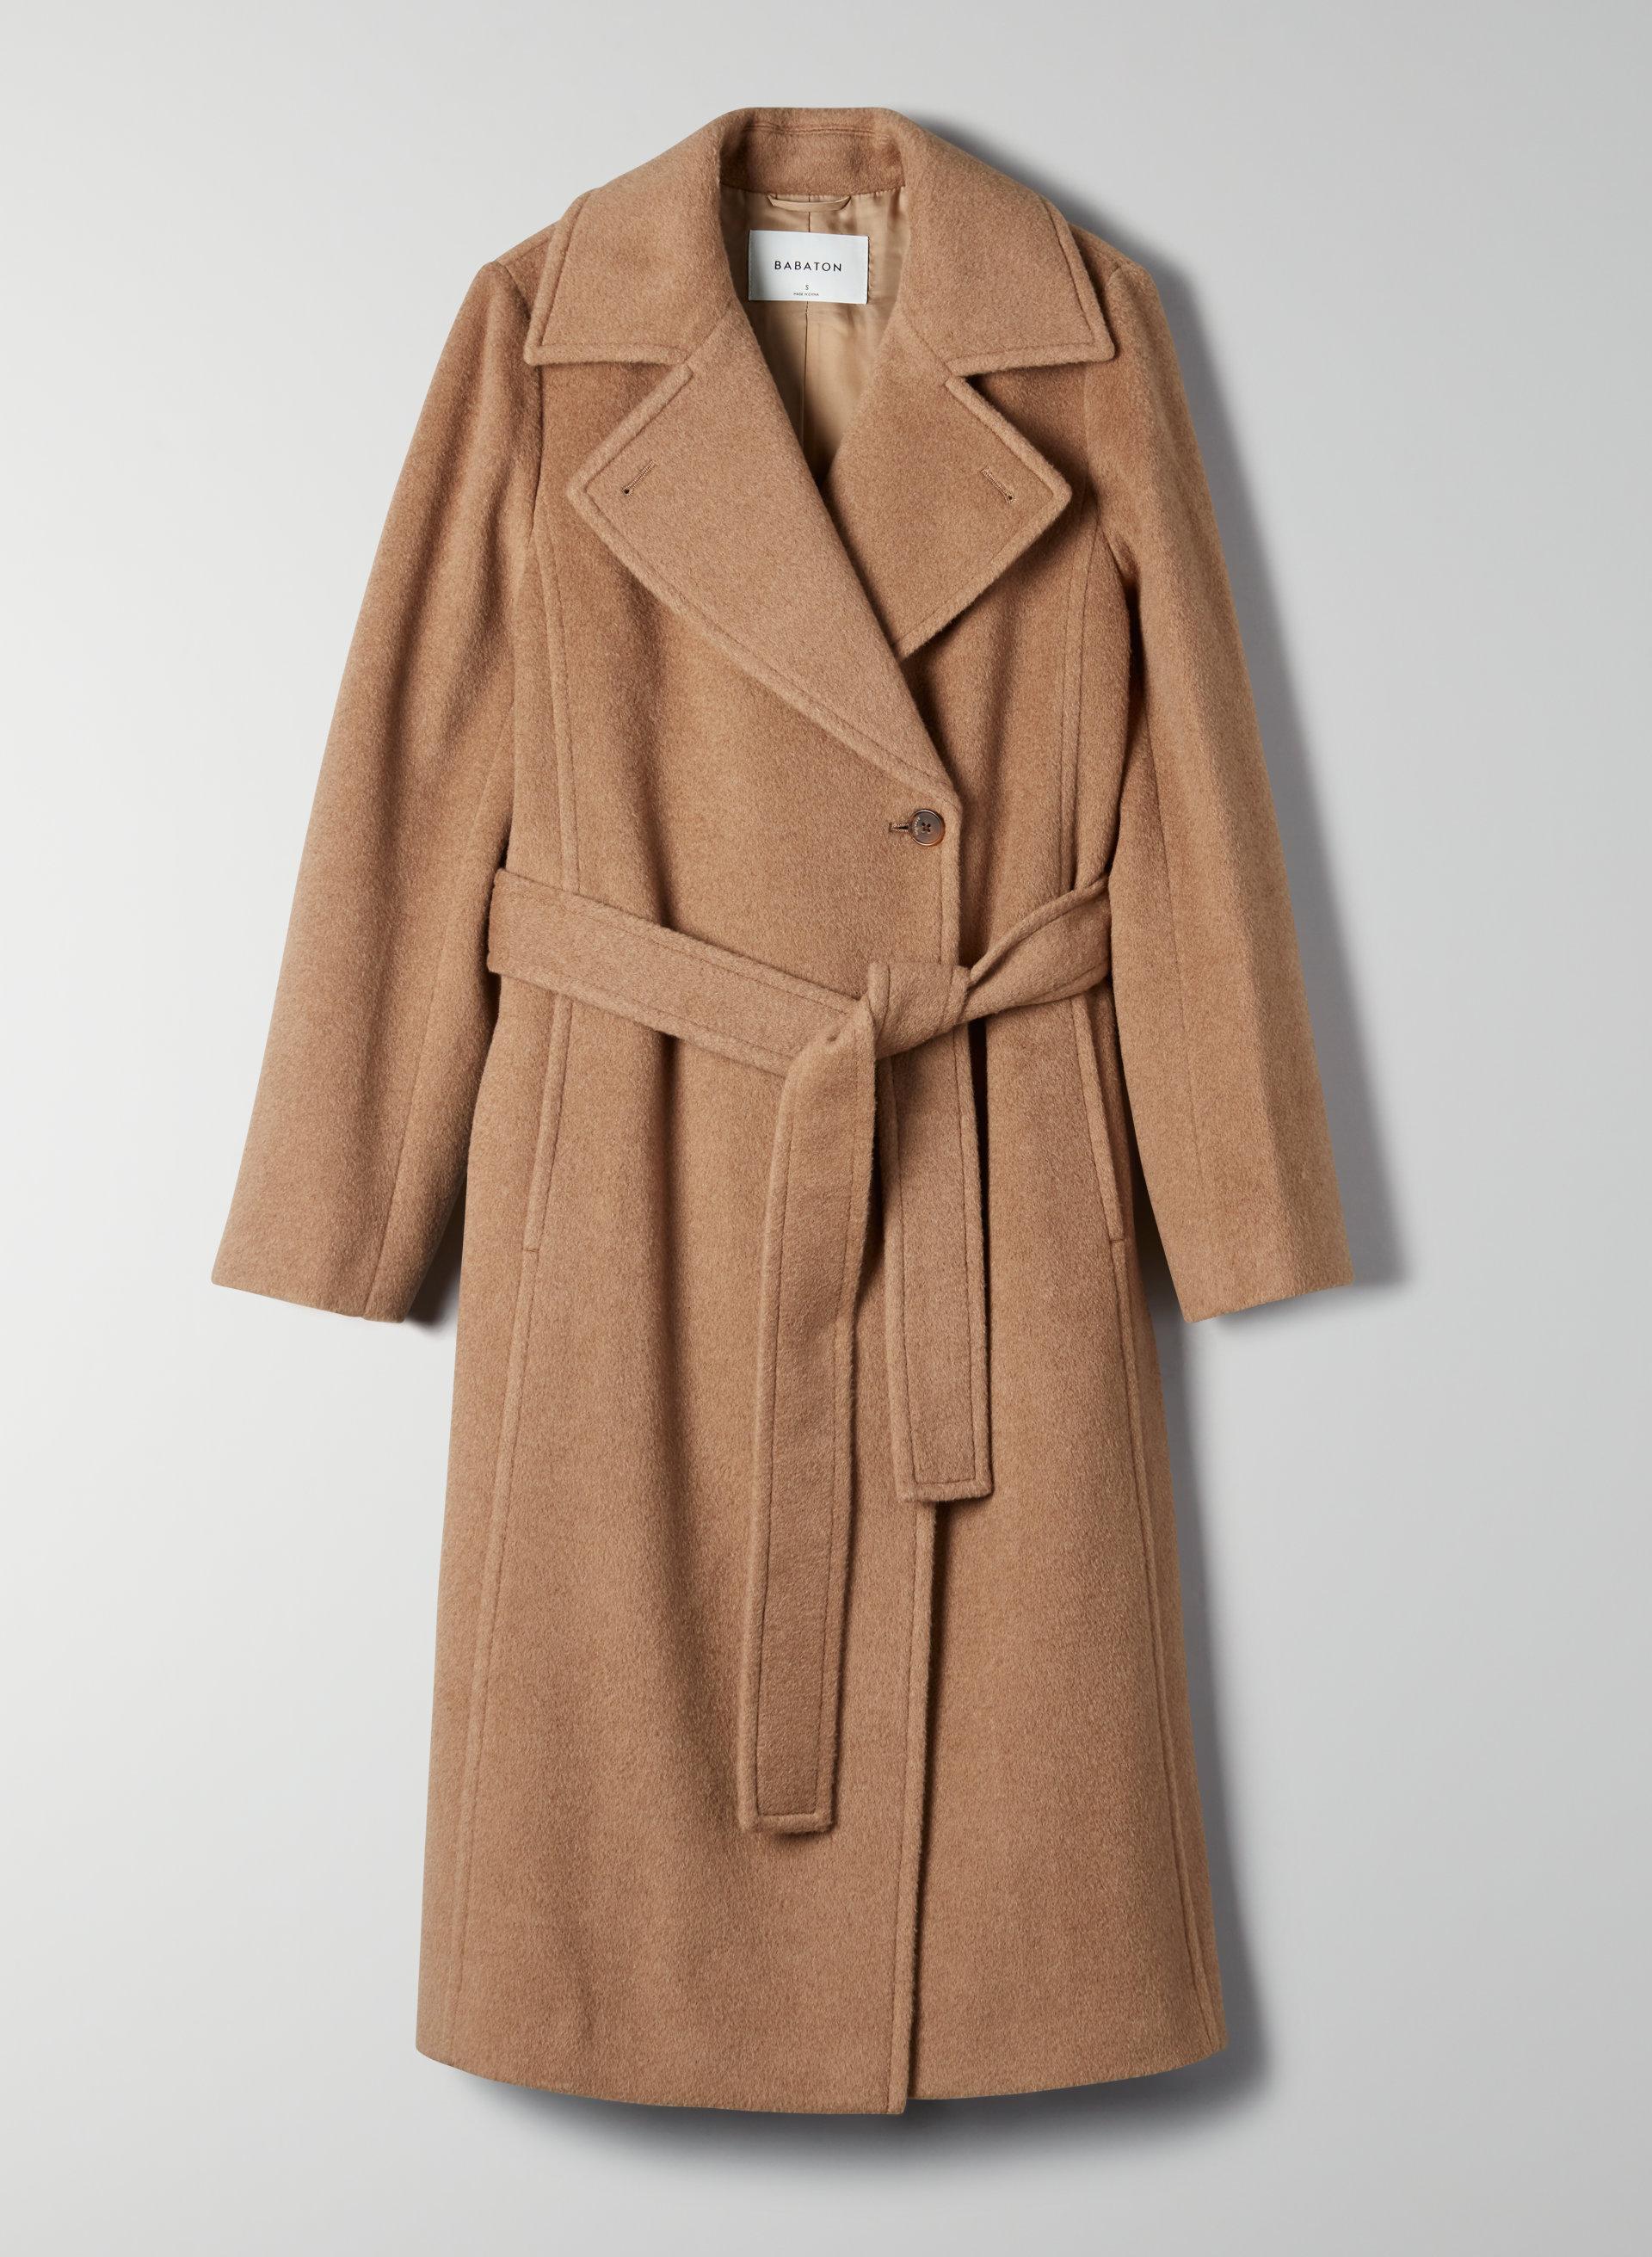 Camel Coats for Women | Aritzia US